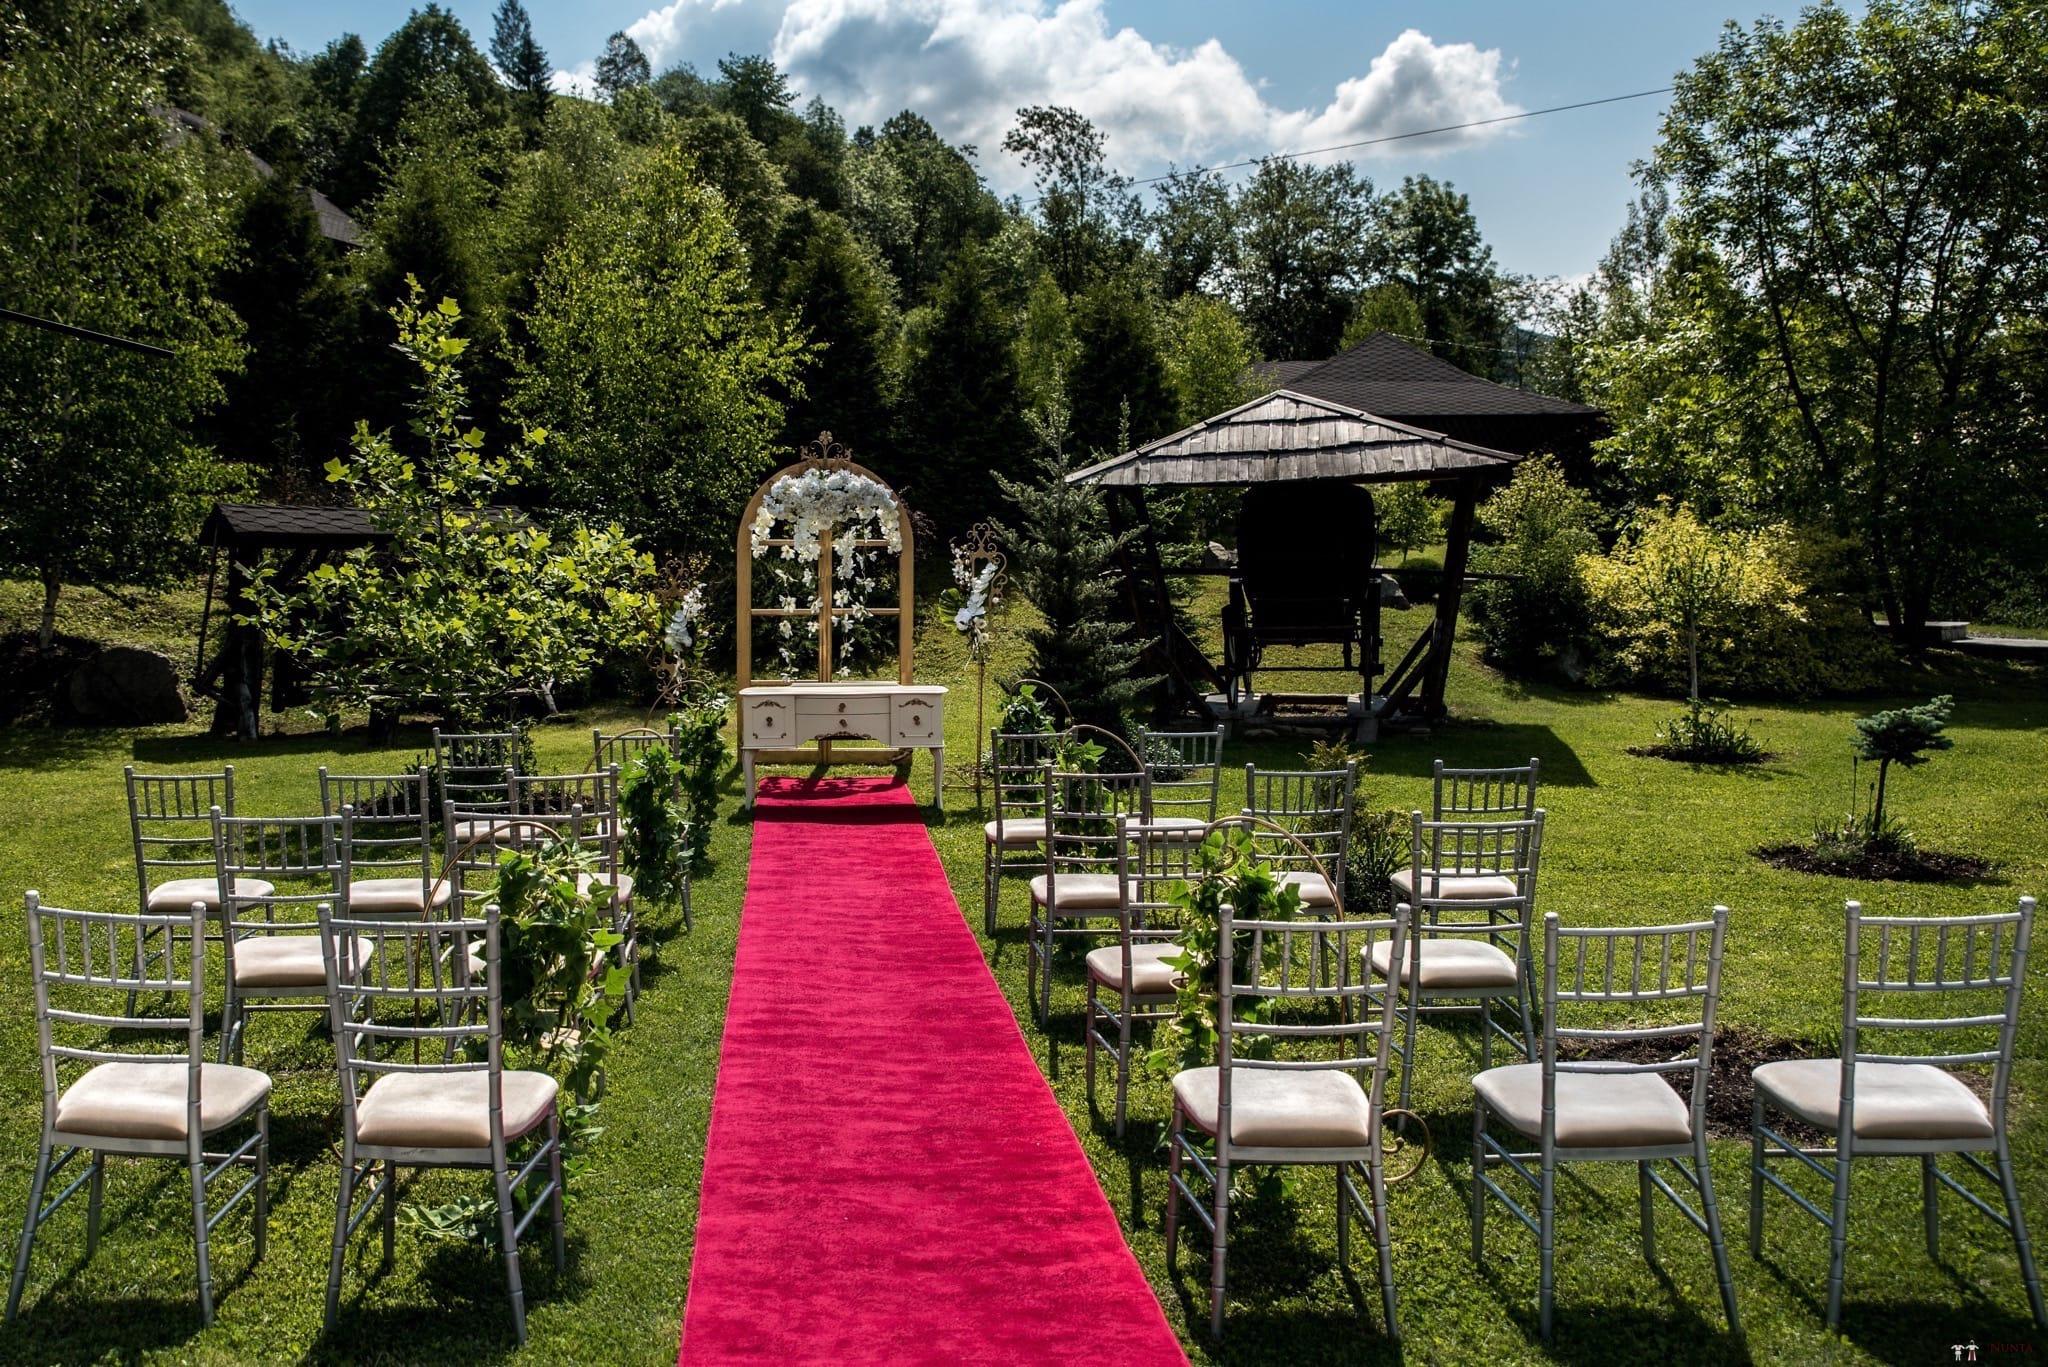 Povești Nunți Tradiționale - Irina și Alexandru, nuntă în Câmpulung Moldovenesc, Suceava 4